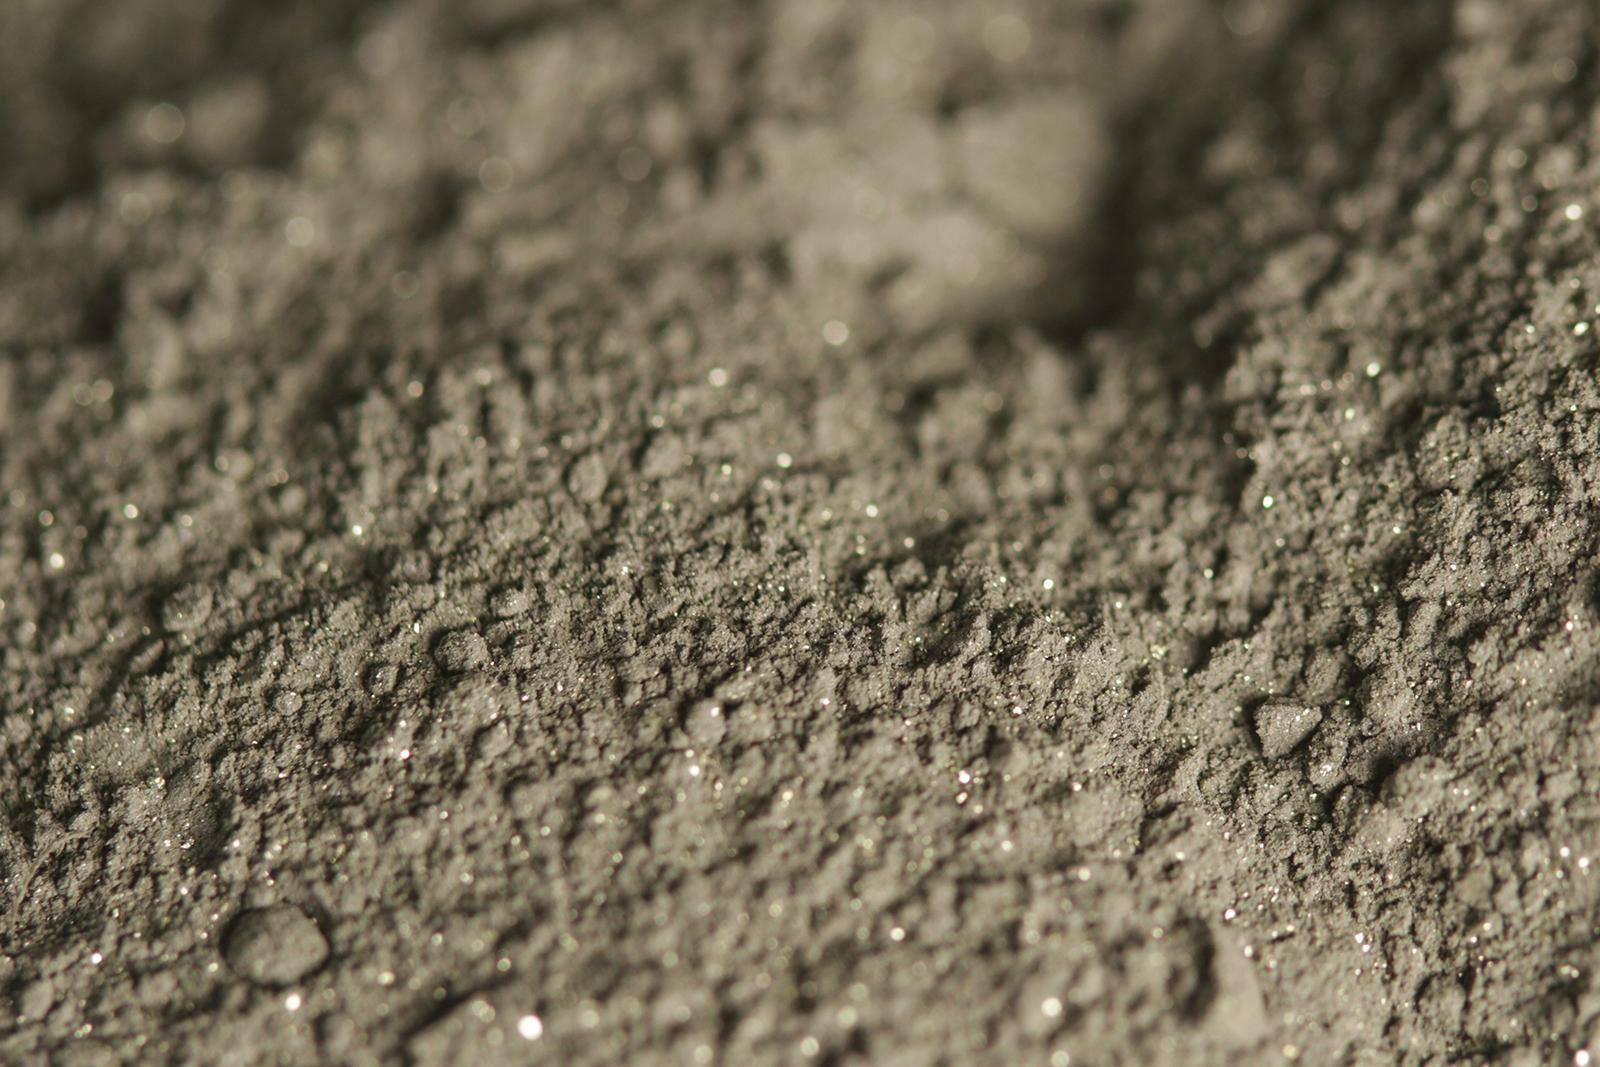 Vaahdotuksella saatua kuparirikastetta laboratoriossa. Kuva: Nina Pulkkis/Aalto-yliopisto